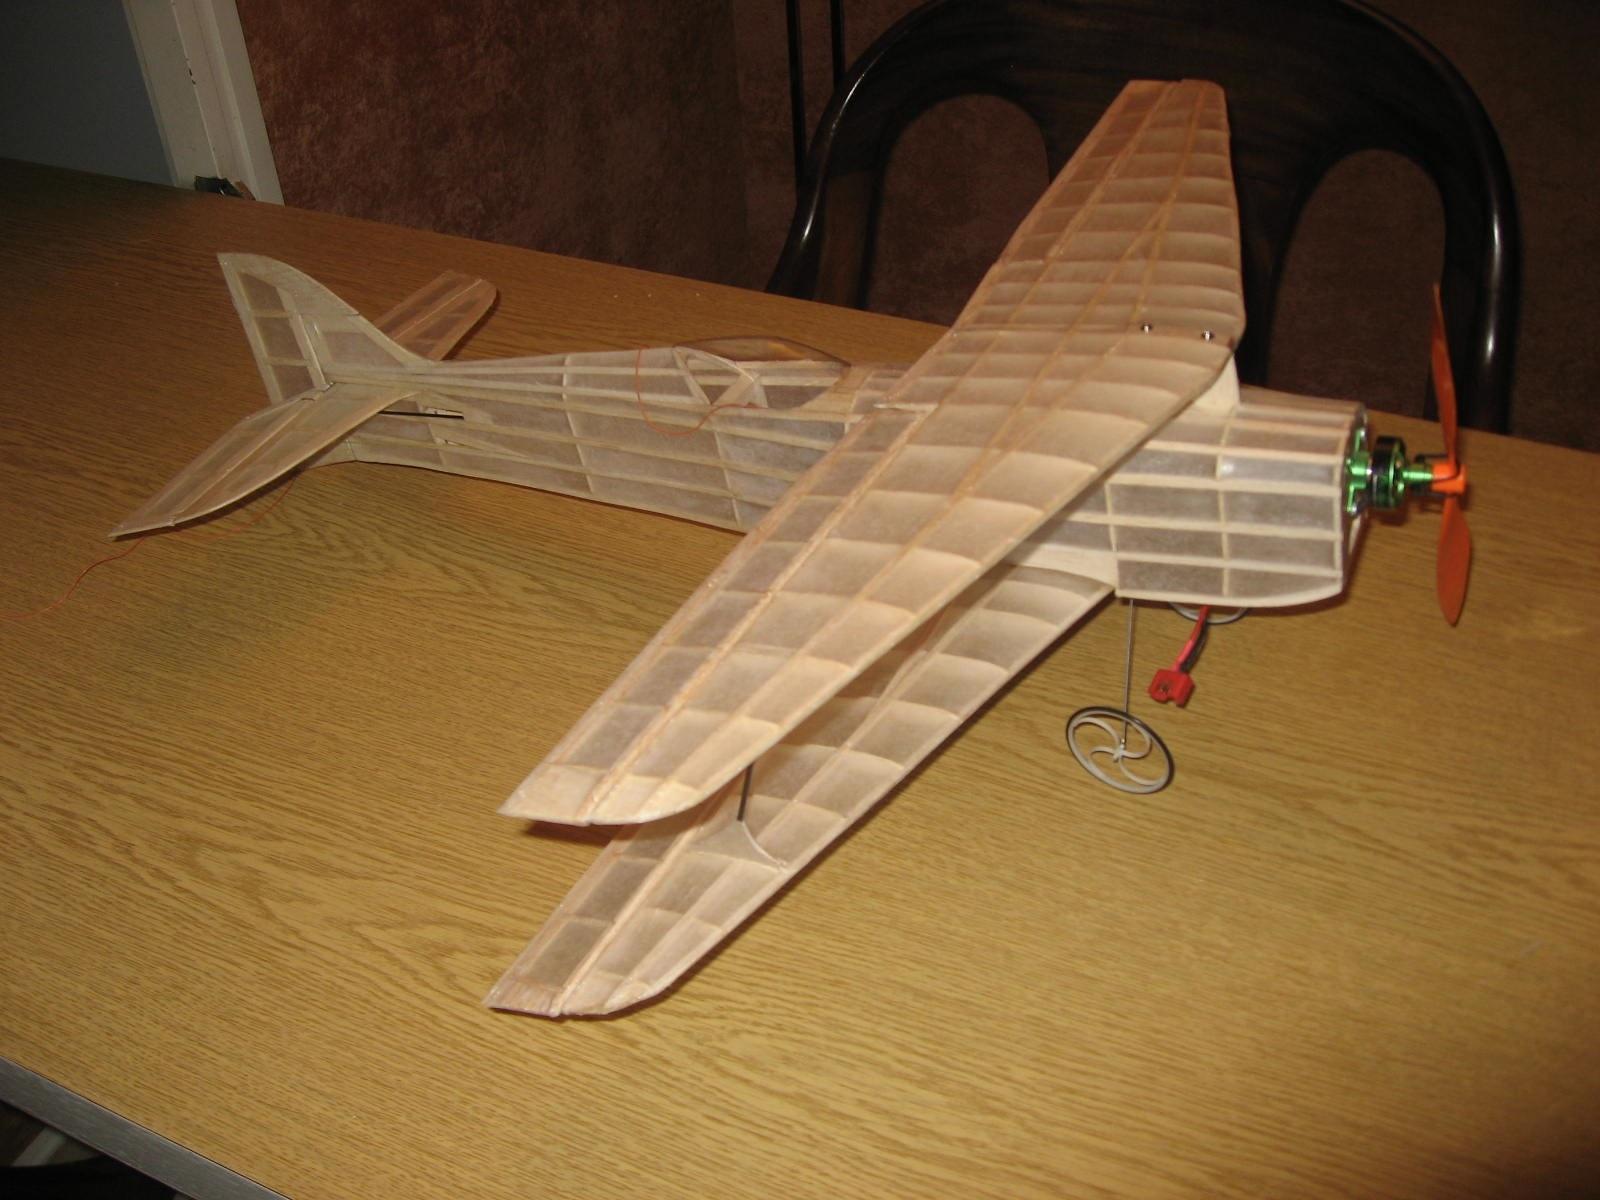 Célèbre Plans pour faire un avion en carton - avion helico eflite EJ27